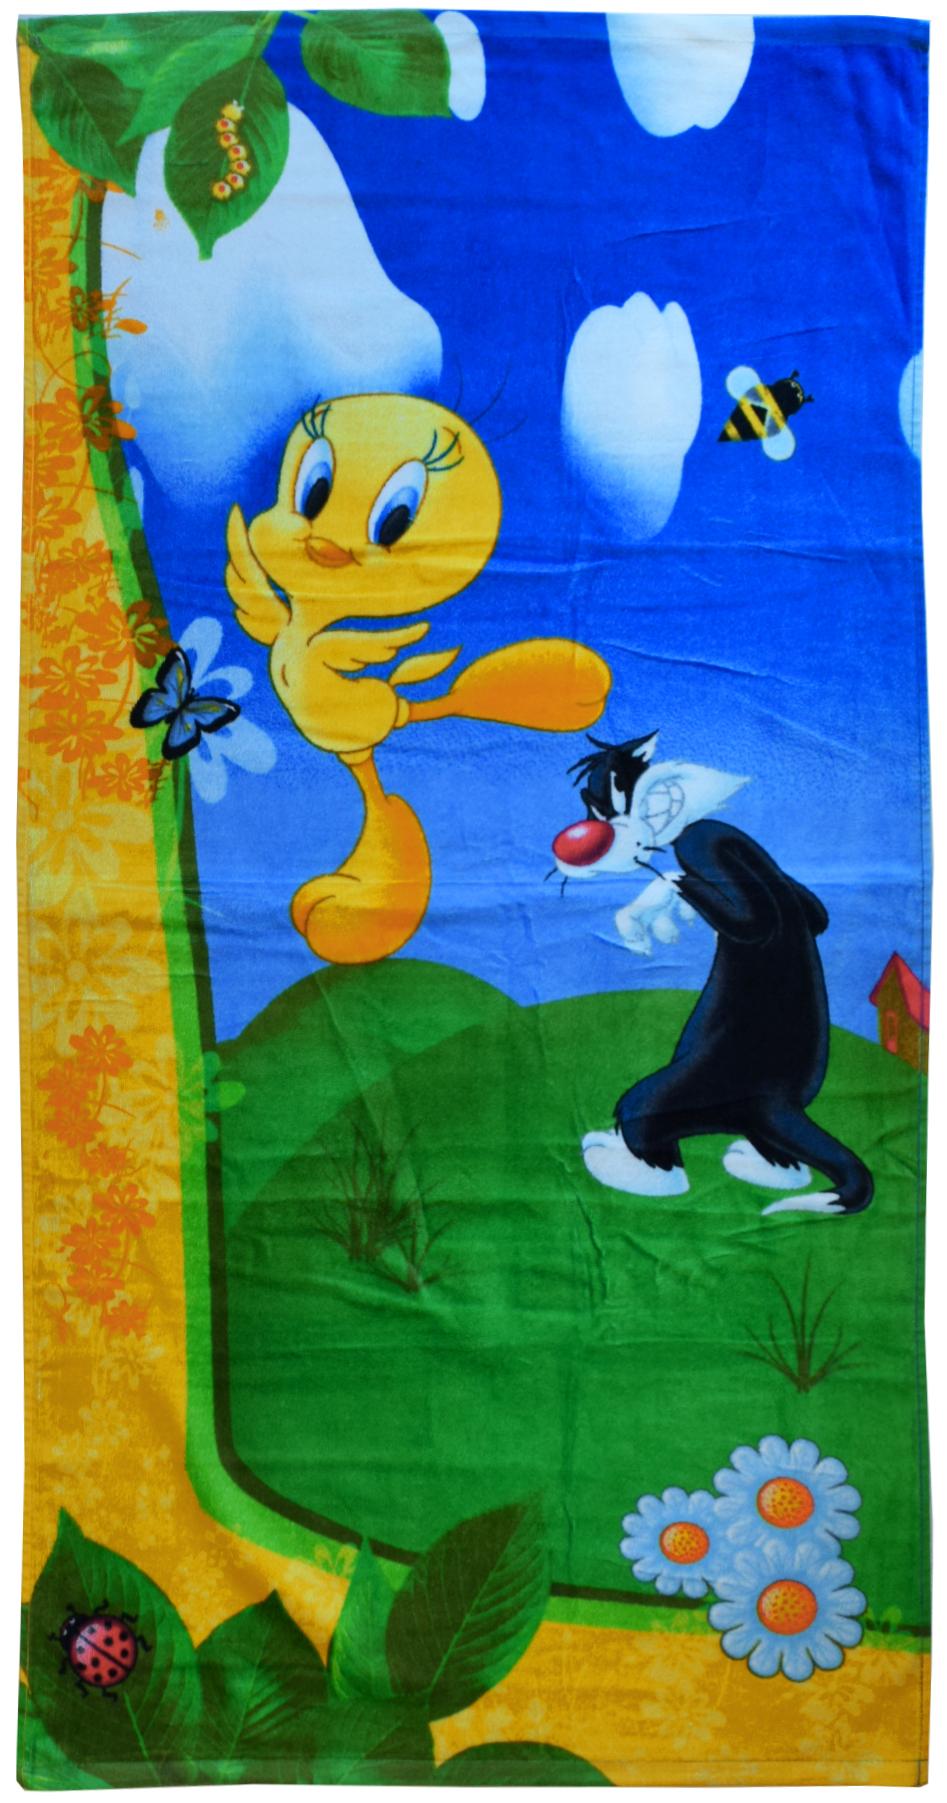 Полотенце 60*120 см, махровое, Твитти на природе01300115896Красочные полотенца 2 в 1: одна сторона развлекает, другая — вытирает. Разнообразие расцветок полотенец поможет окунуться в мир волшебных сказок и мультипликационных героев.